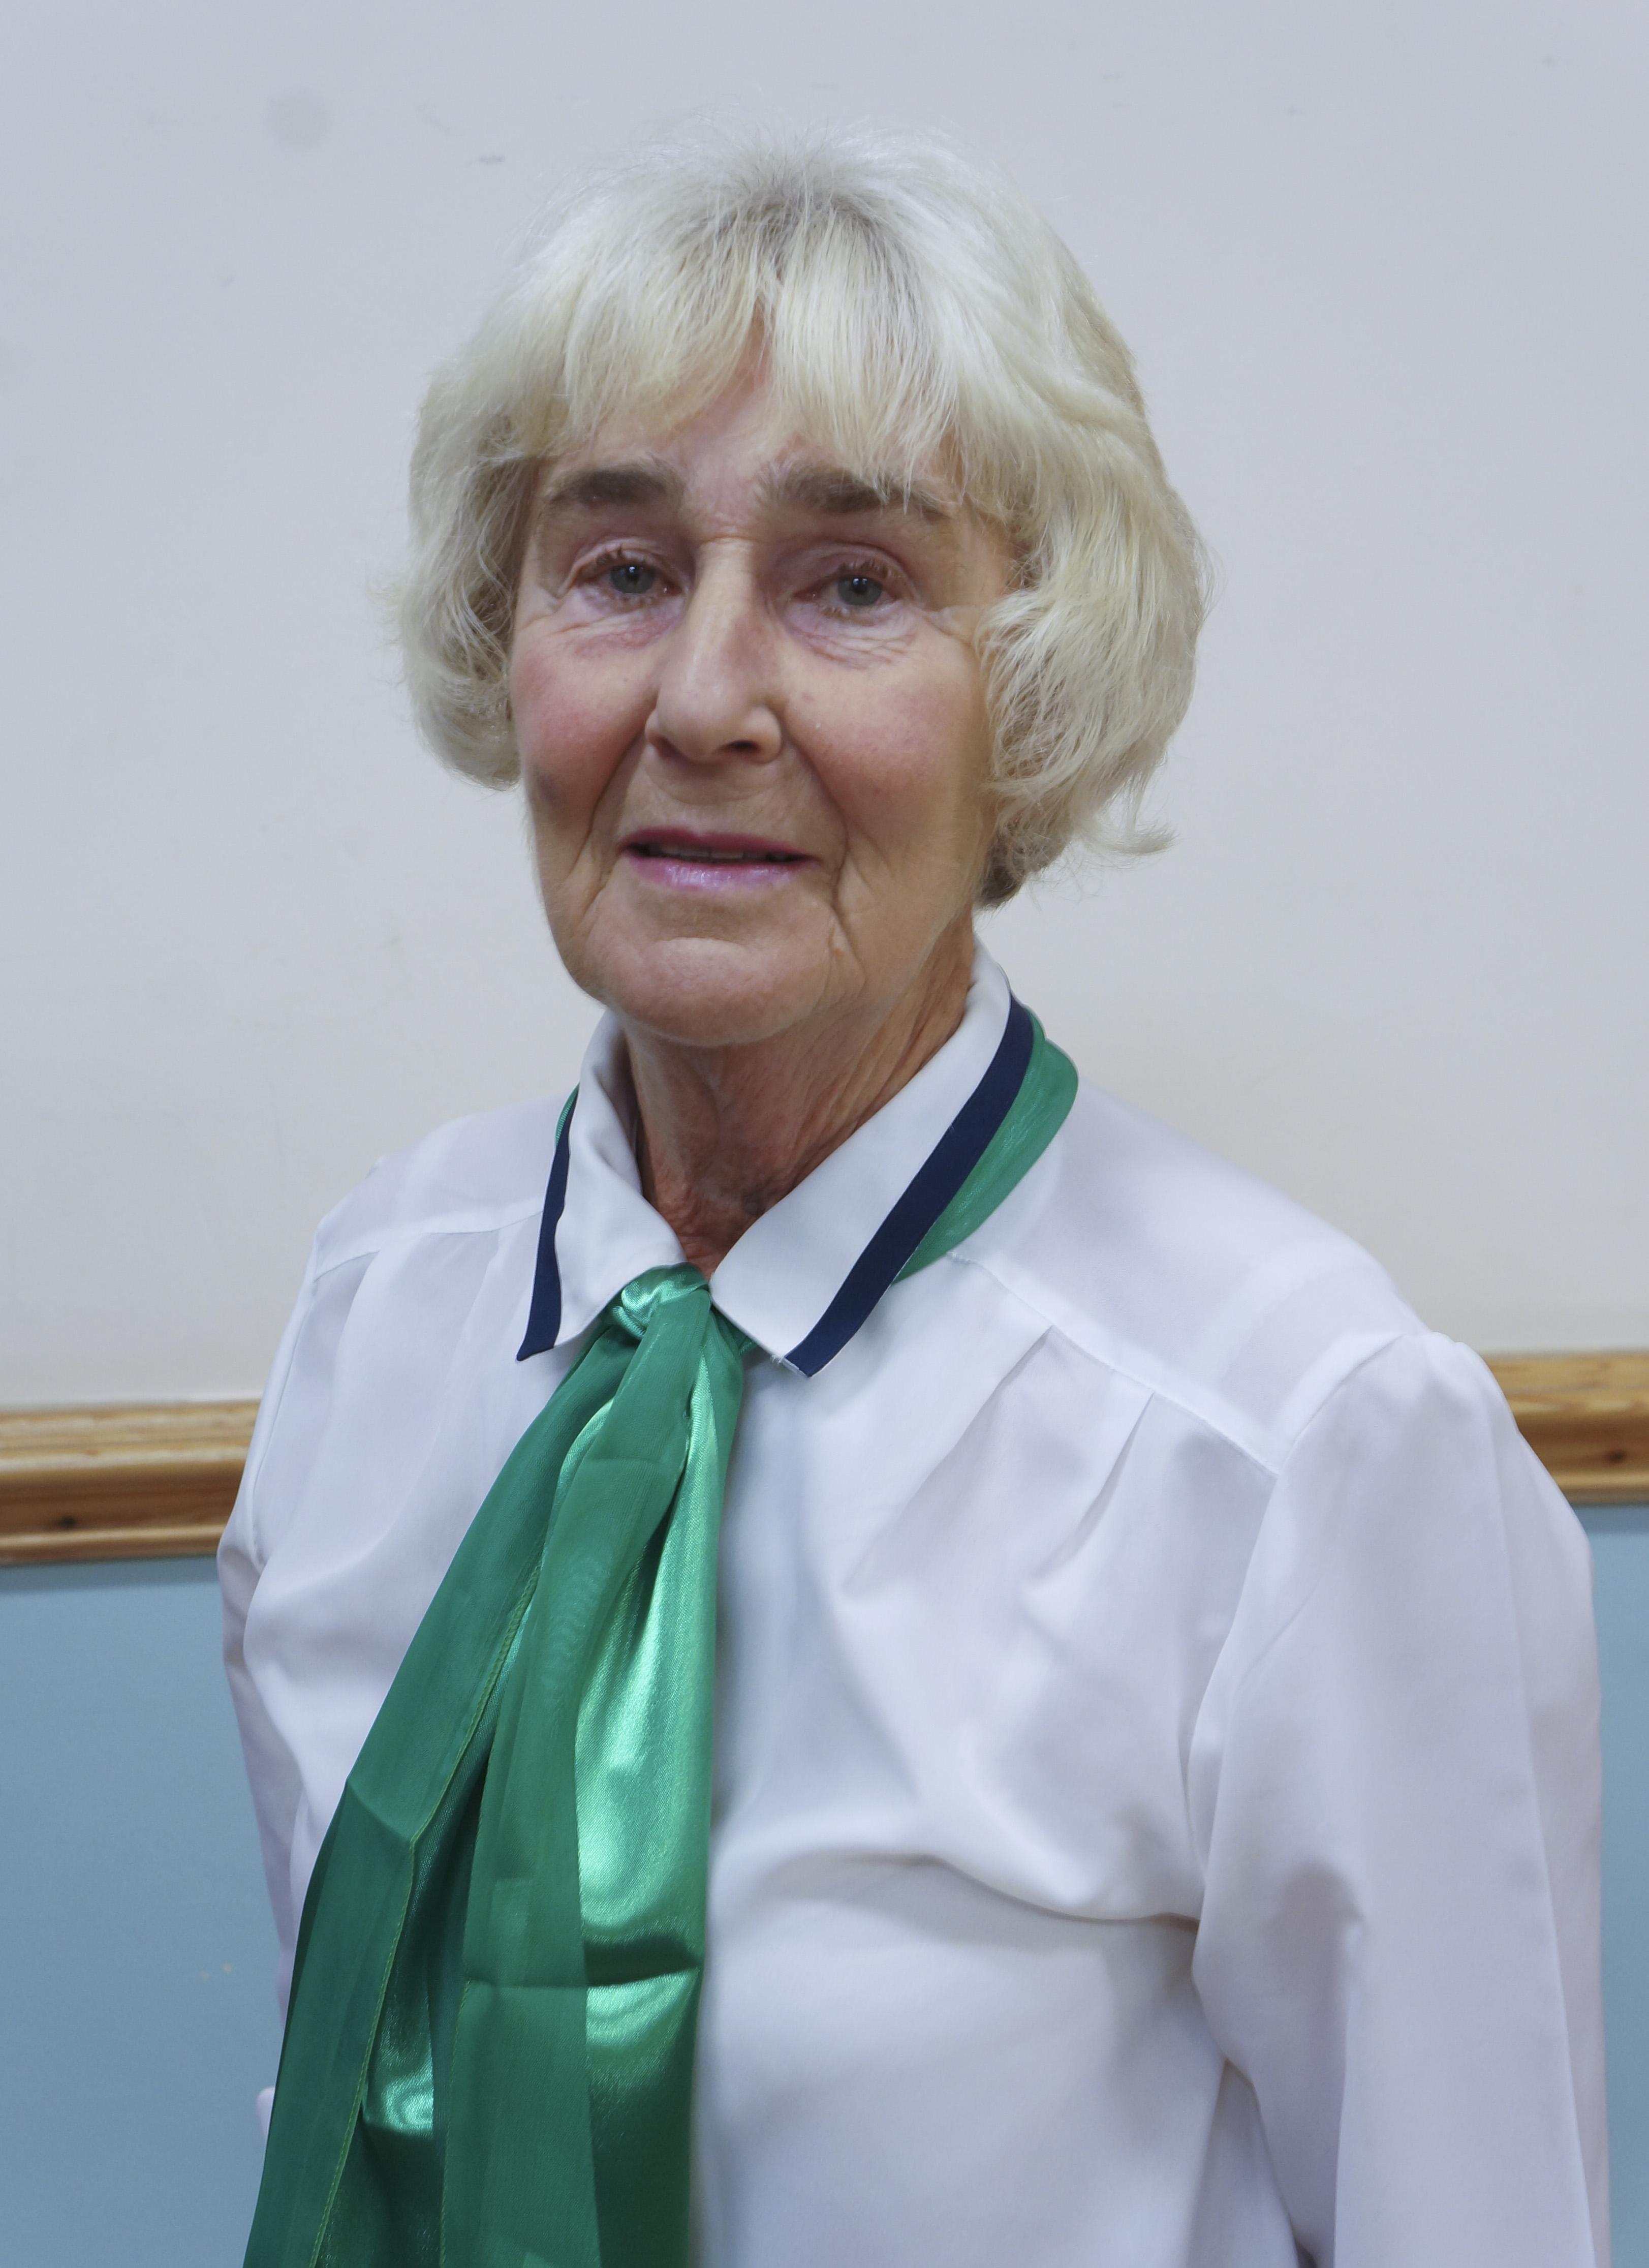 Joan Entwistle